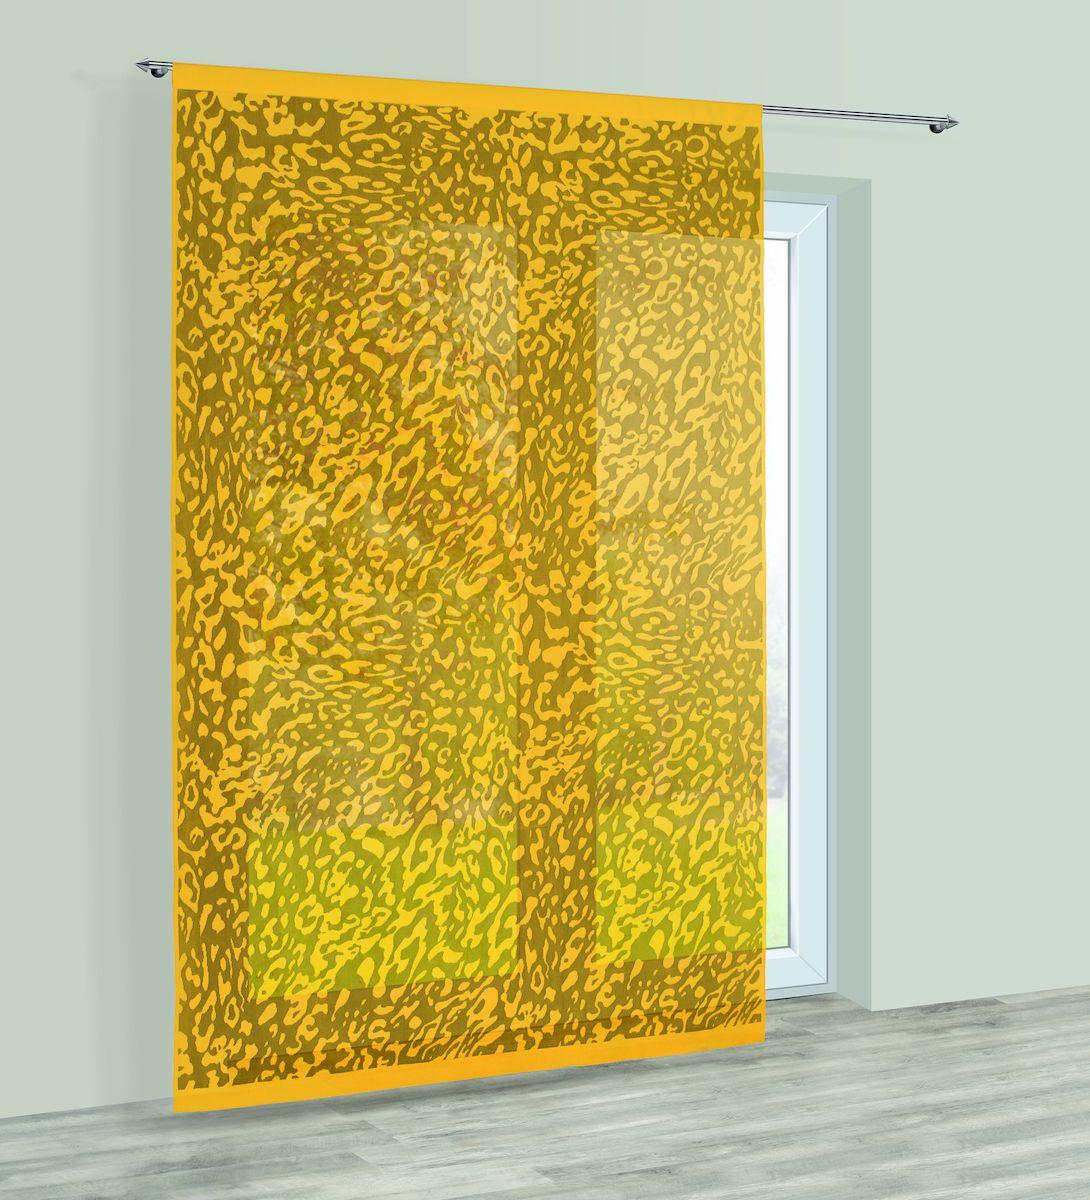 Гардина Haft, на кулиске, цвет: желтый, высота 250 см. 22854060184_ЛЕНТАГардина Haft великолепно украсит любое окно. Изделие выполнено из полиэстера и декорировано под окрас животного.Изделие имеет оригинальный дизайн и органично впишется в интерьер помещения.Гардина крепится на карниз при помощи кулиски.